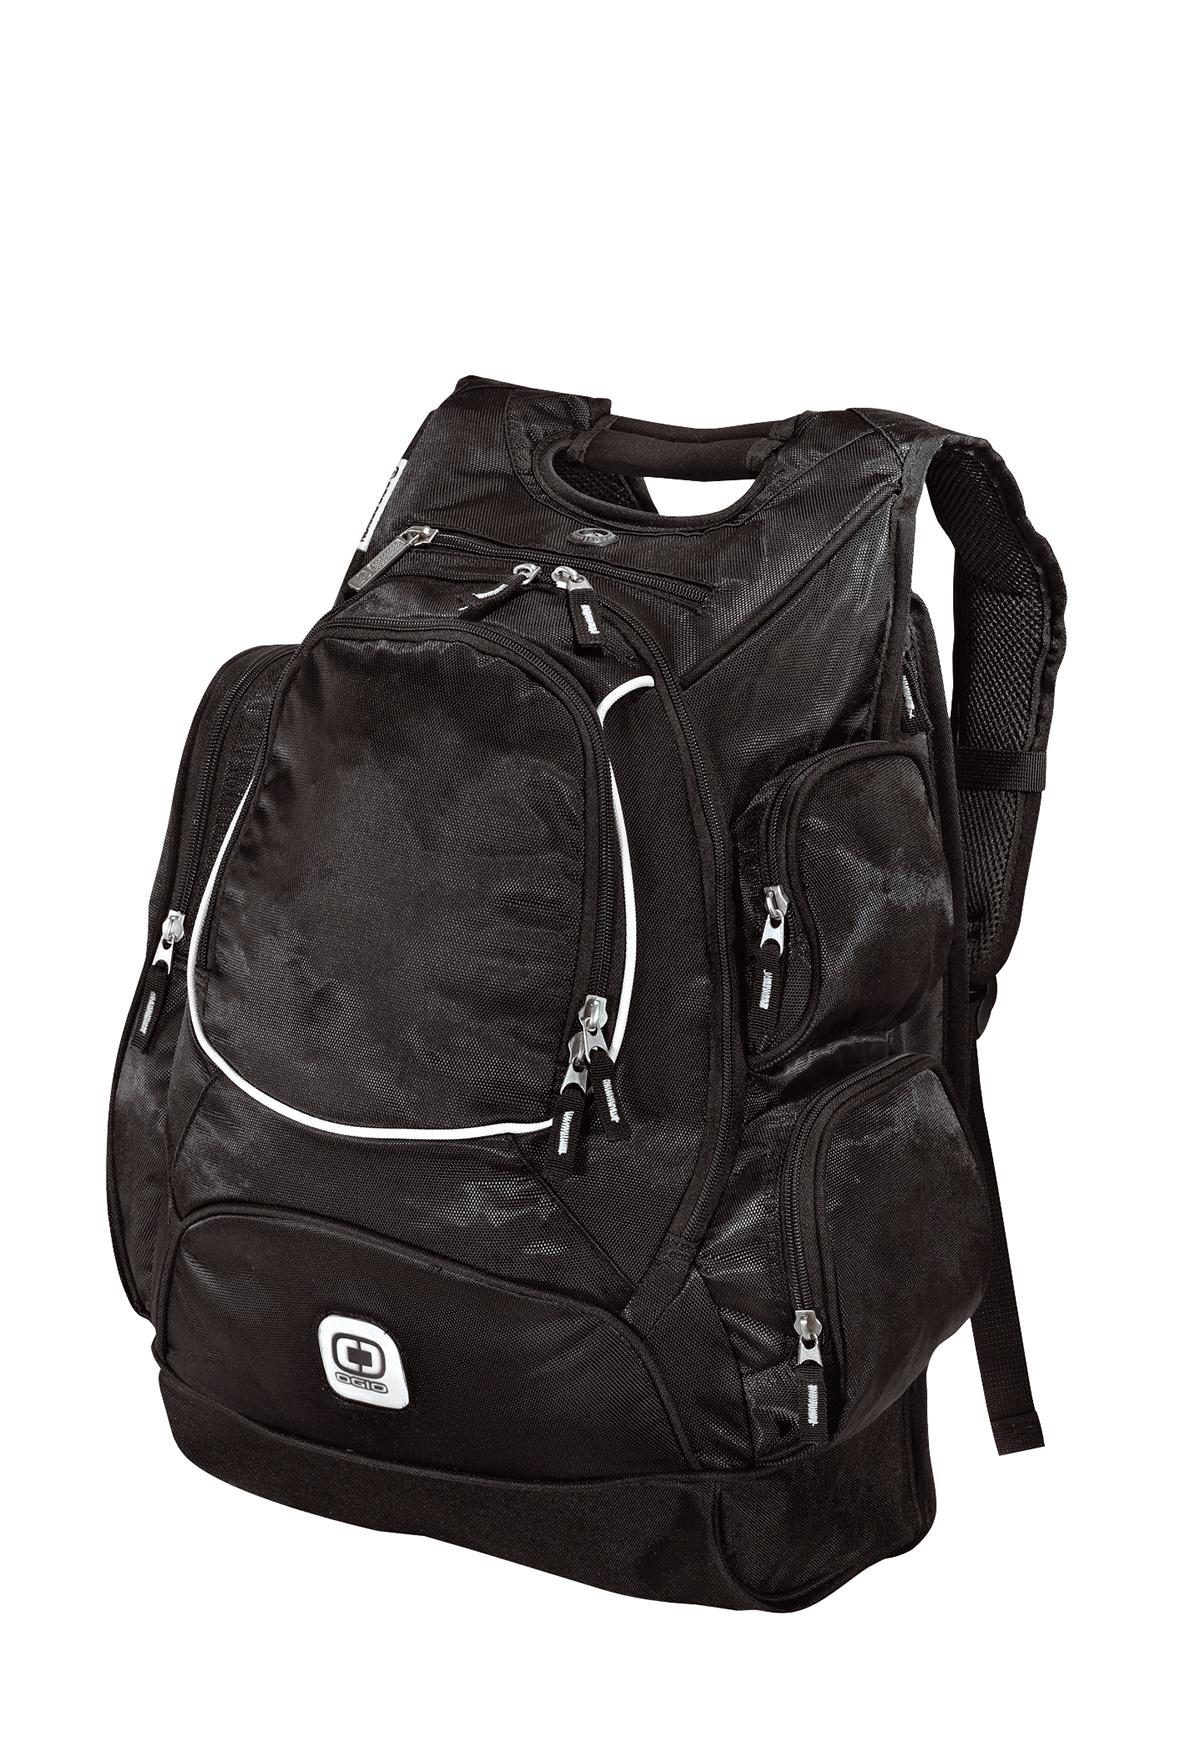 4bac1f57b4a OGIO® - Bounty Hunter Pack   Backpacks   Bags   SanMar